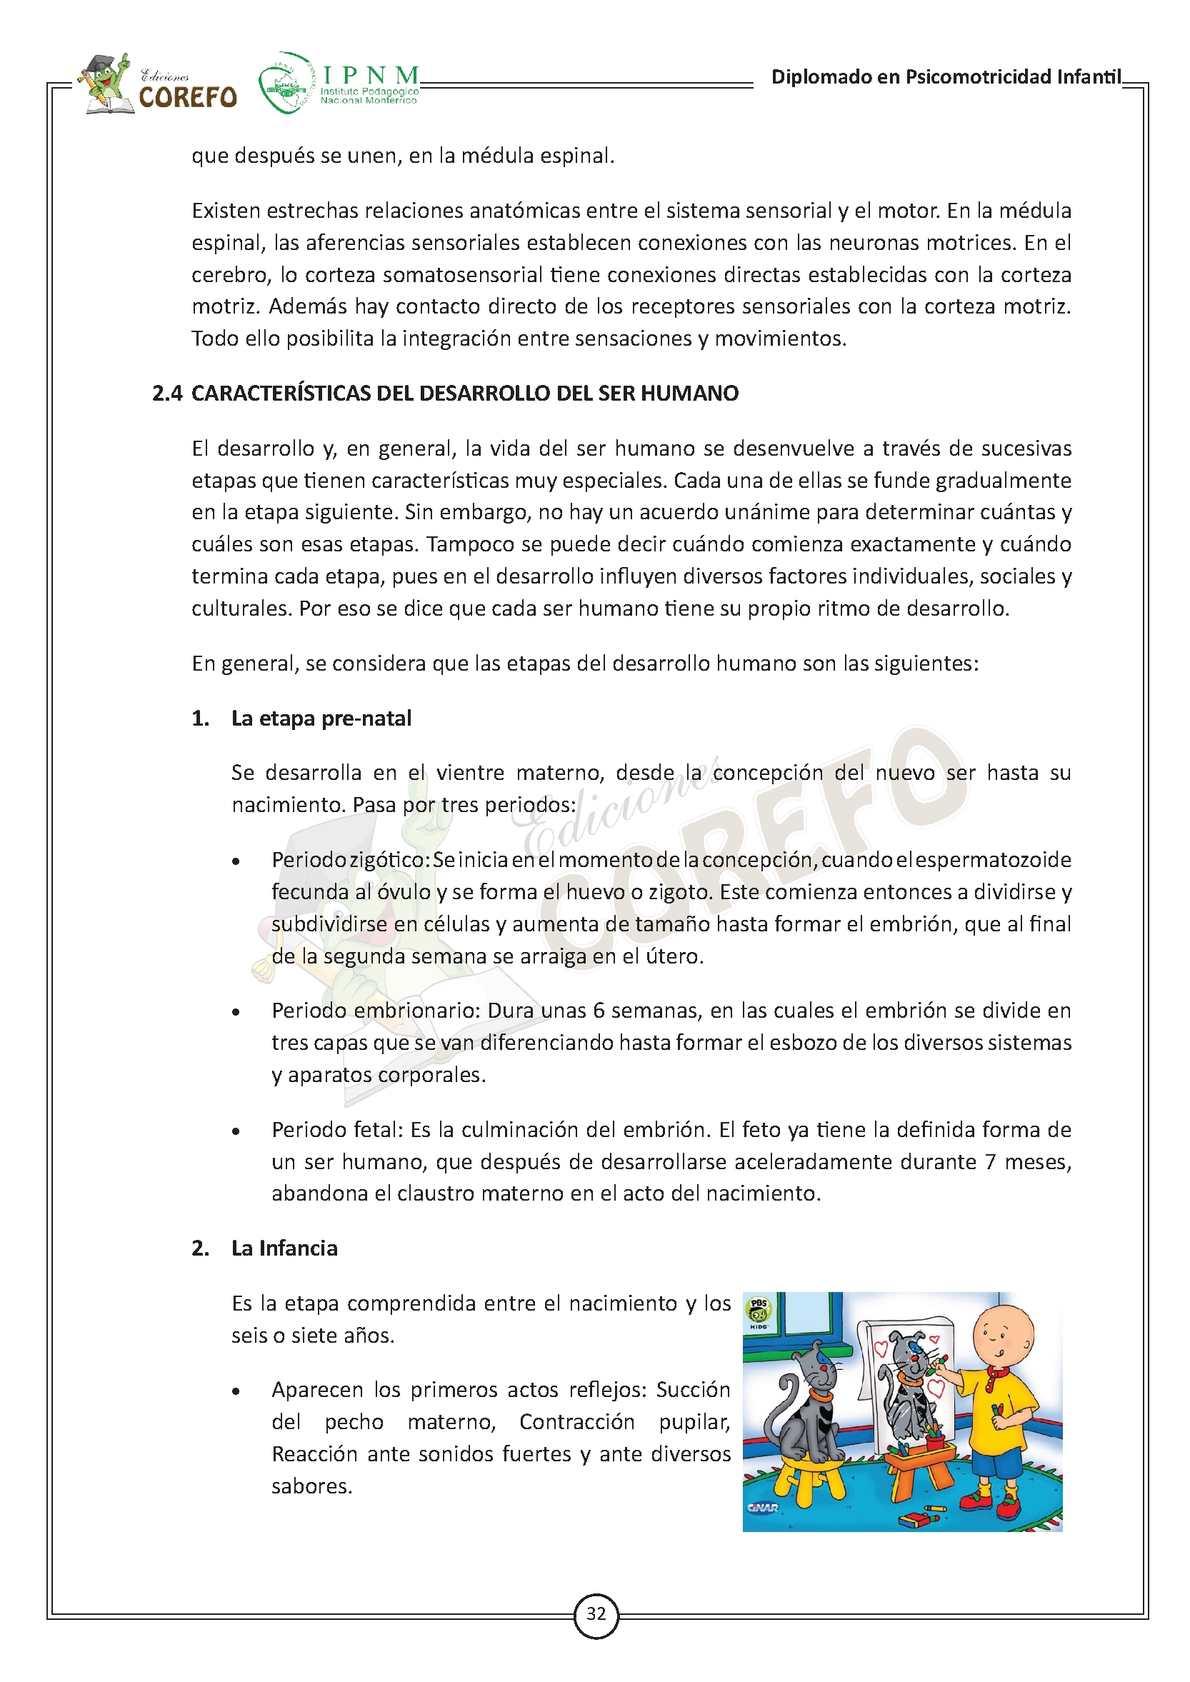 Teorias Y Modelos Del Desarrollo Motor Humano - CALAMEO Downloader